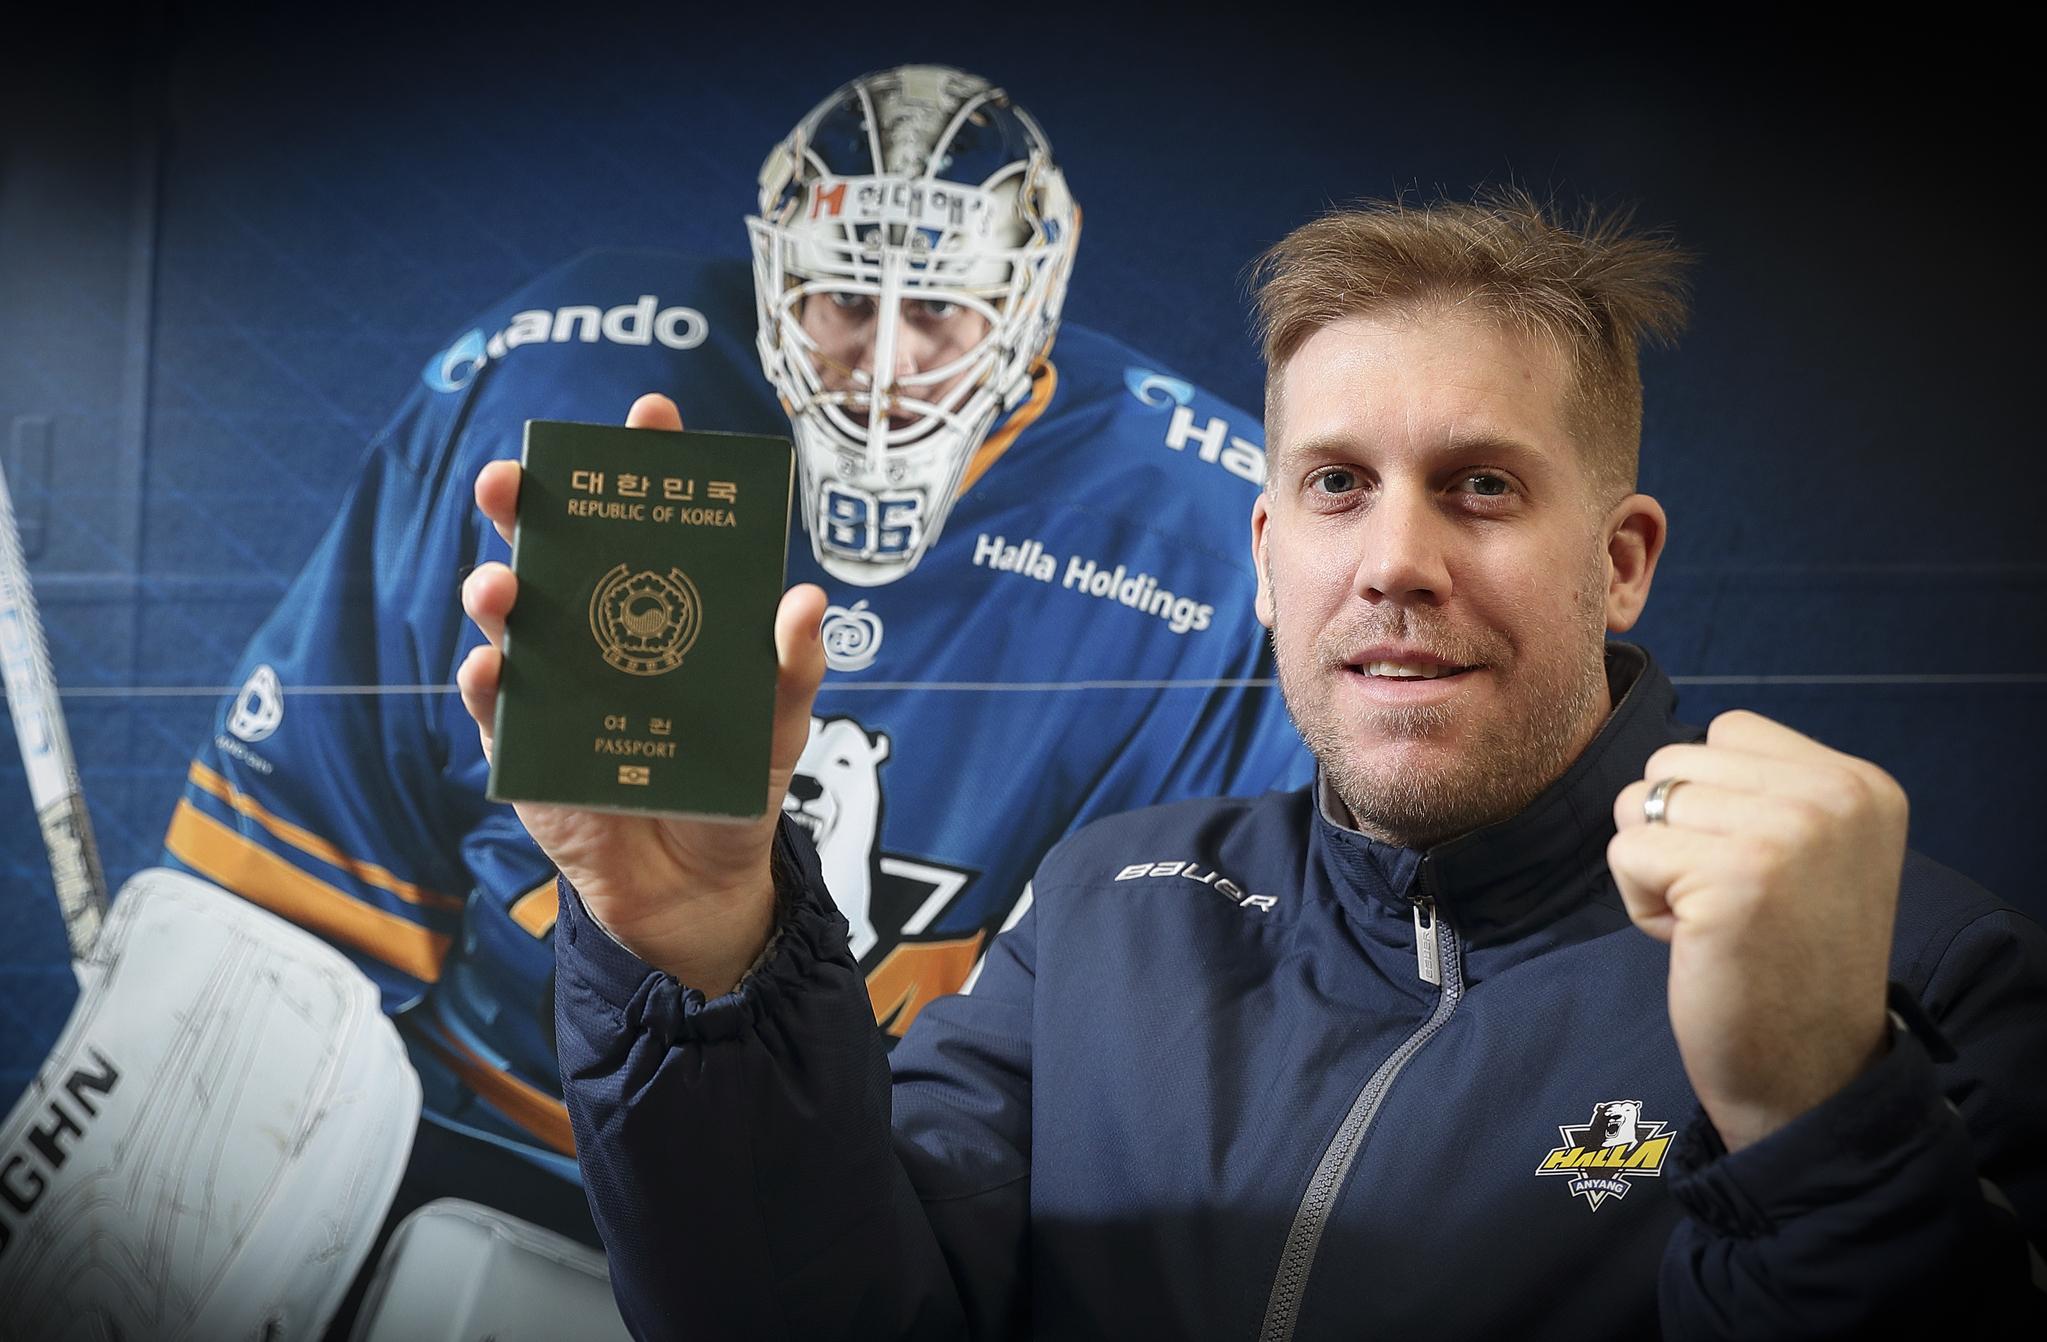 한국아이스하키 대표팀의 귀화선수 맷 달튼이 자신의 대한민국 여권을 들어 보였다. 그는 캐나다에서 돌아올 때 인천공항 입국장에서 내국인 줄을 선다. 임현동 기자